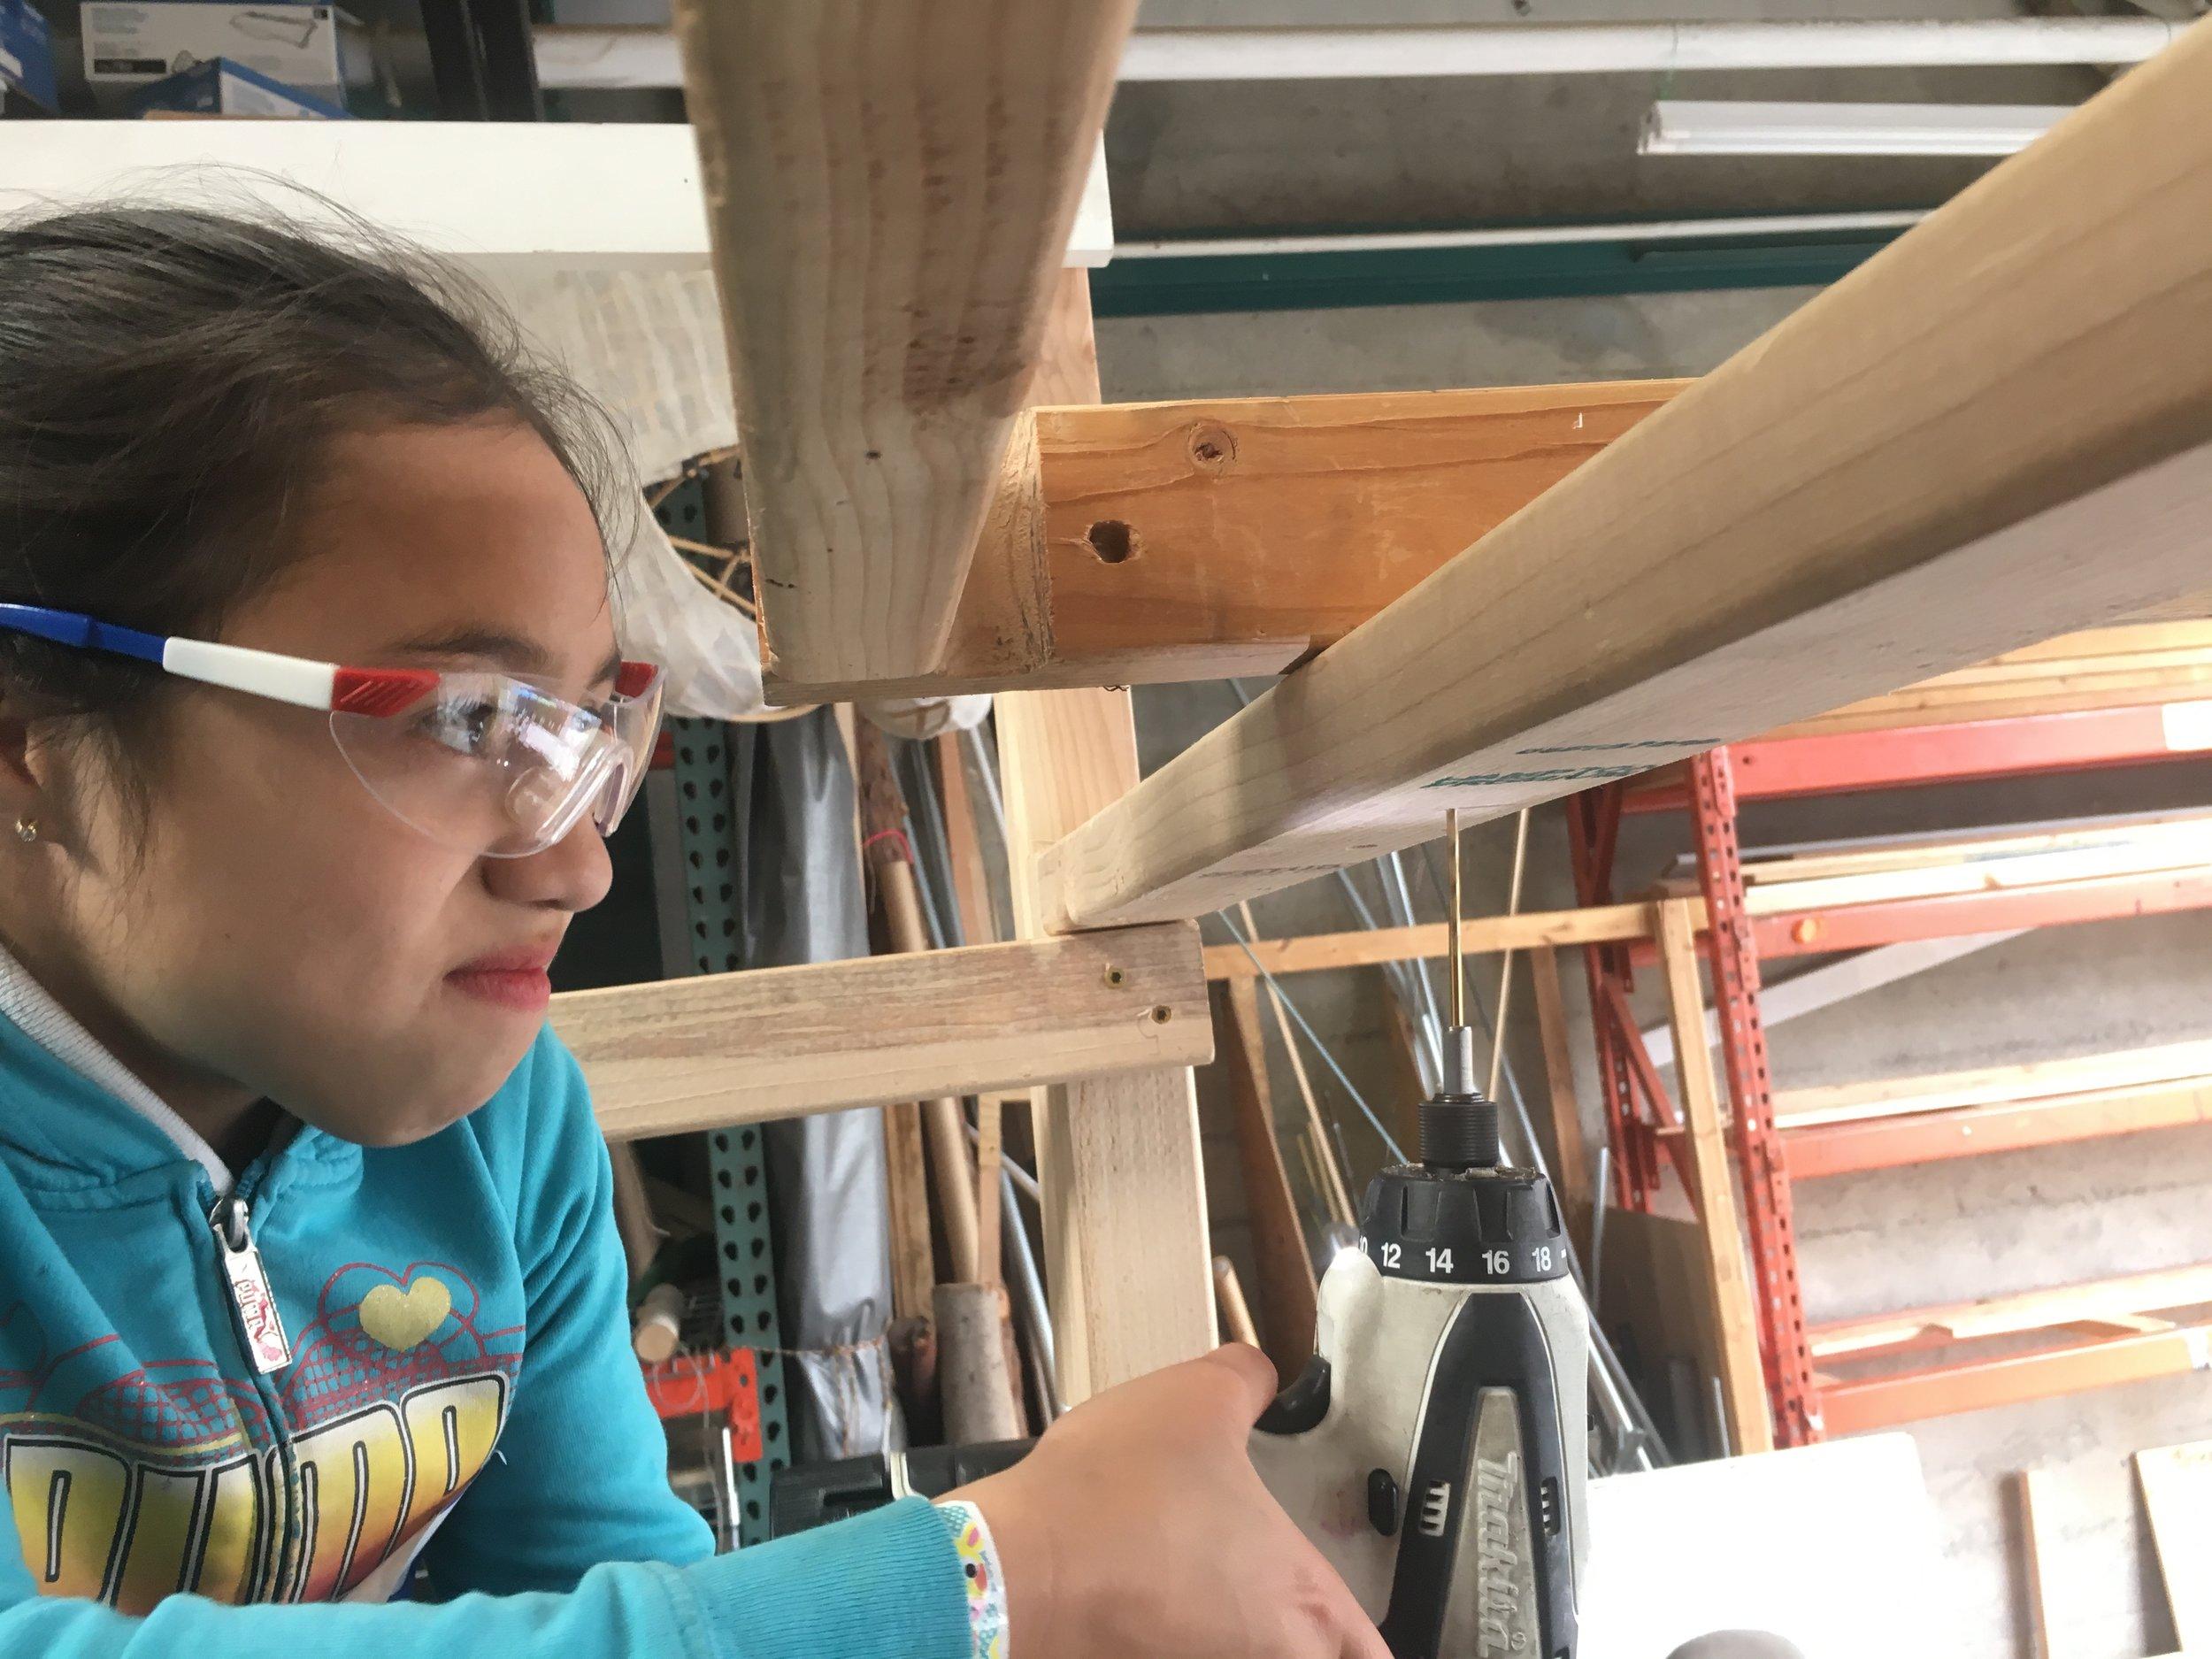 Marina drills like a pro!